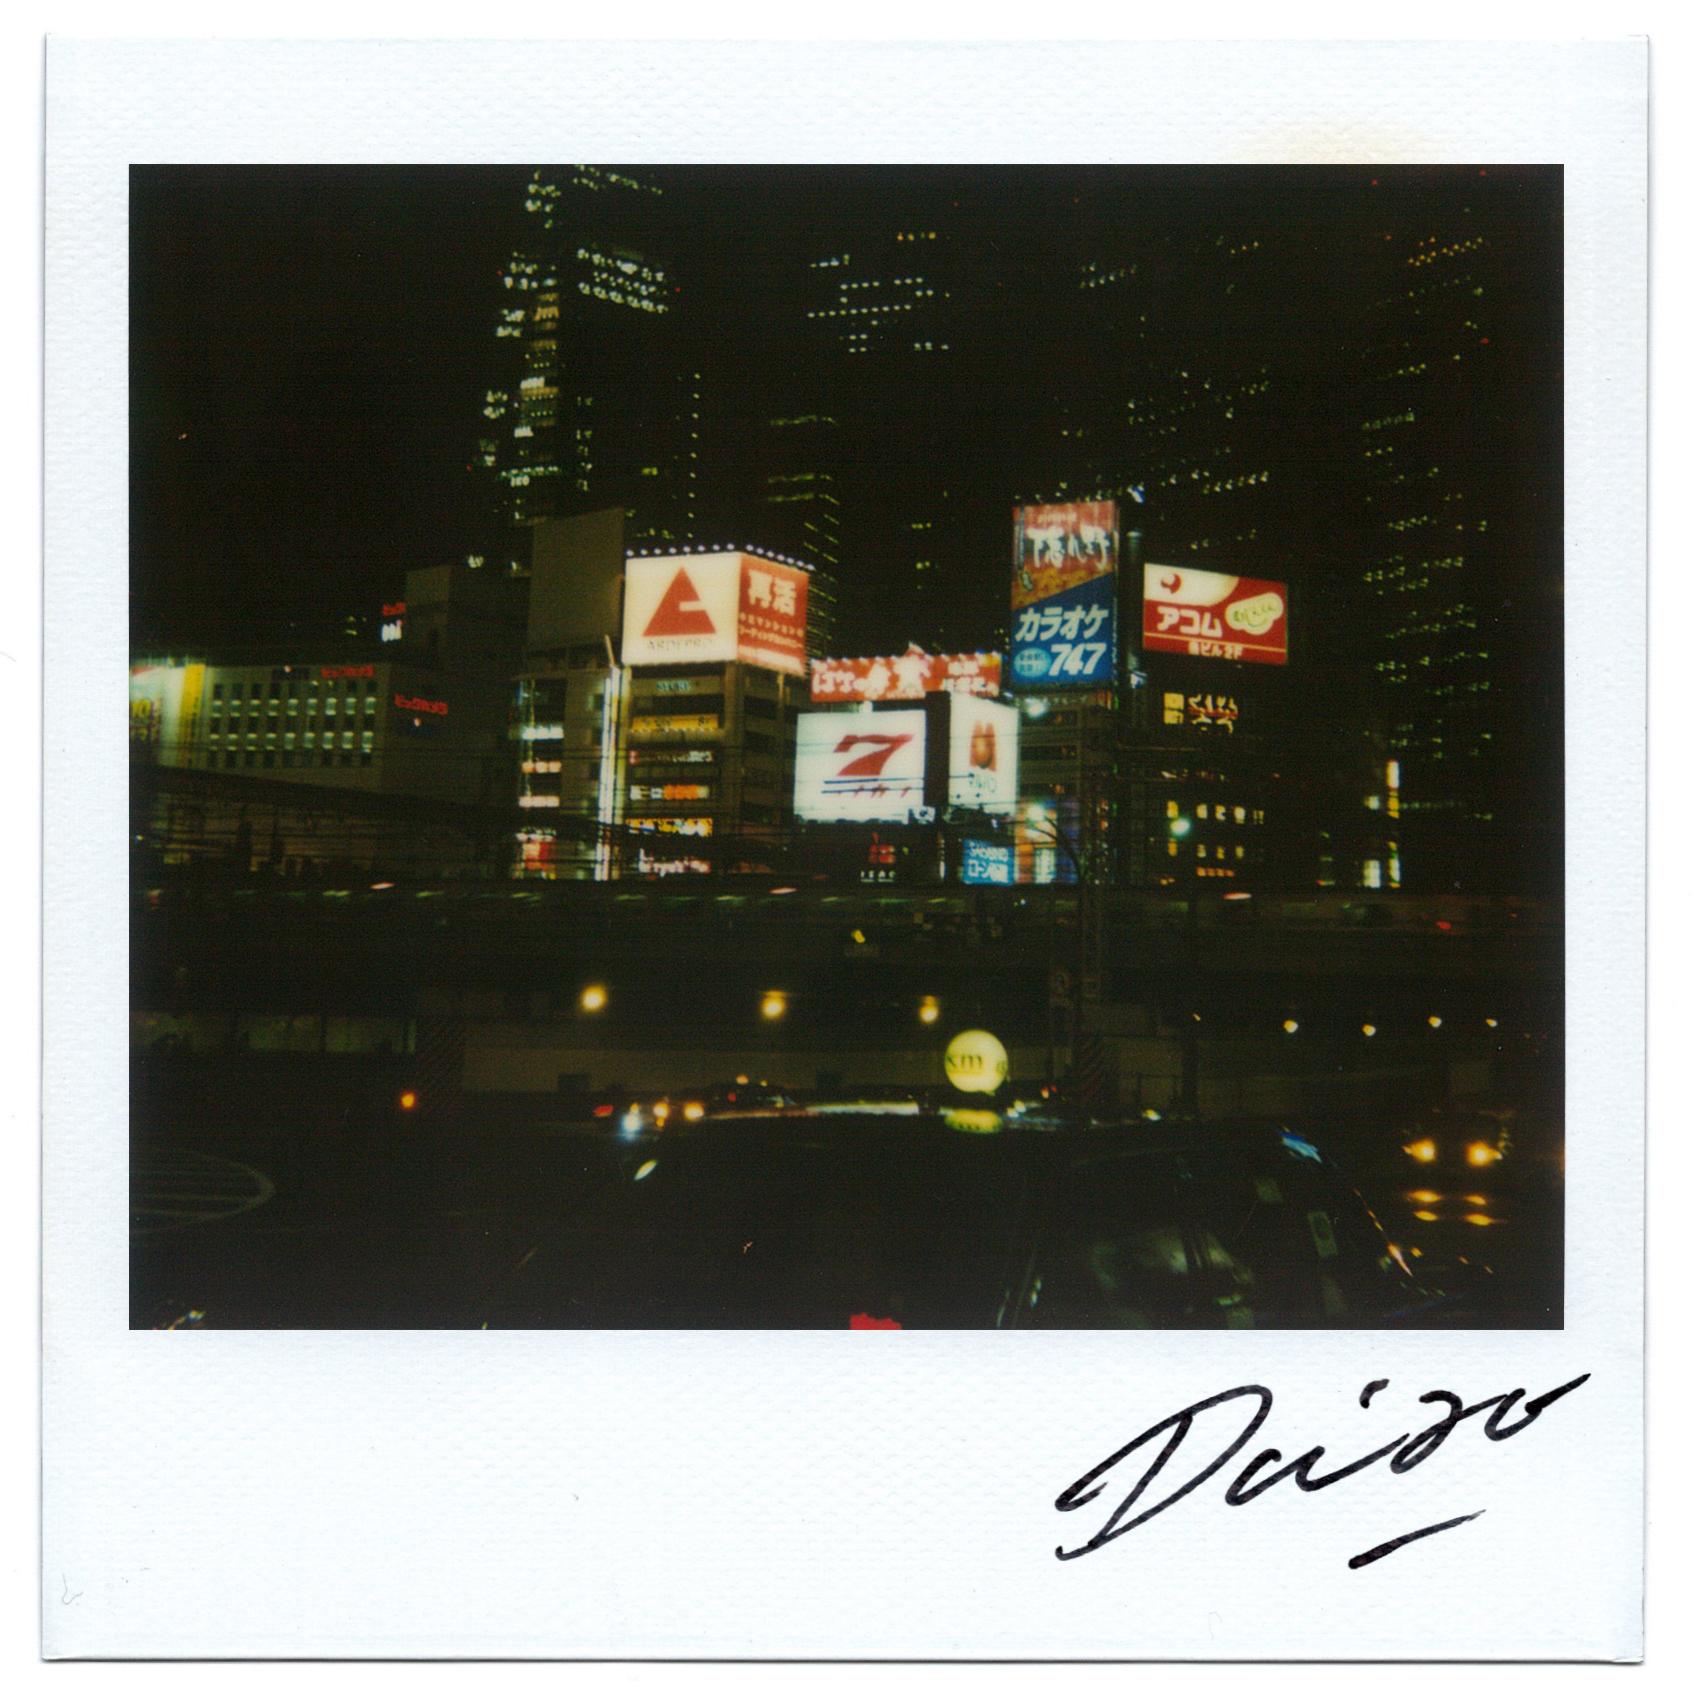 Moriyama Daido, bye-bye polaroid, 2008, Polaroid, 10 x 10 cm14